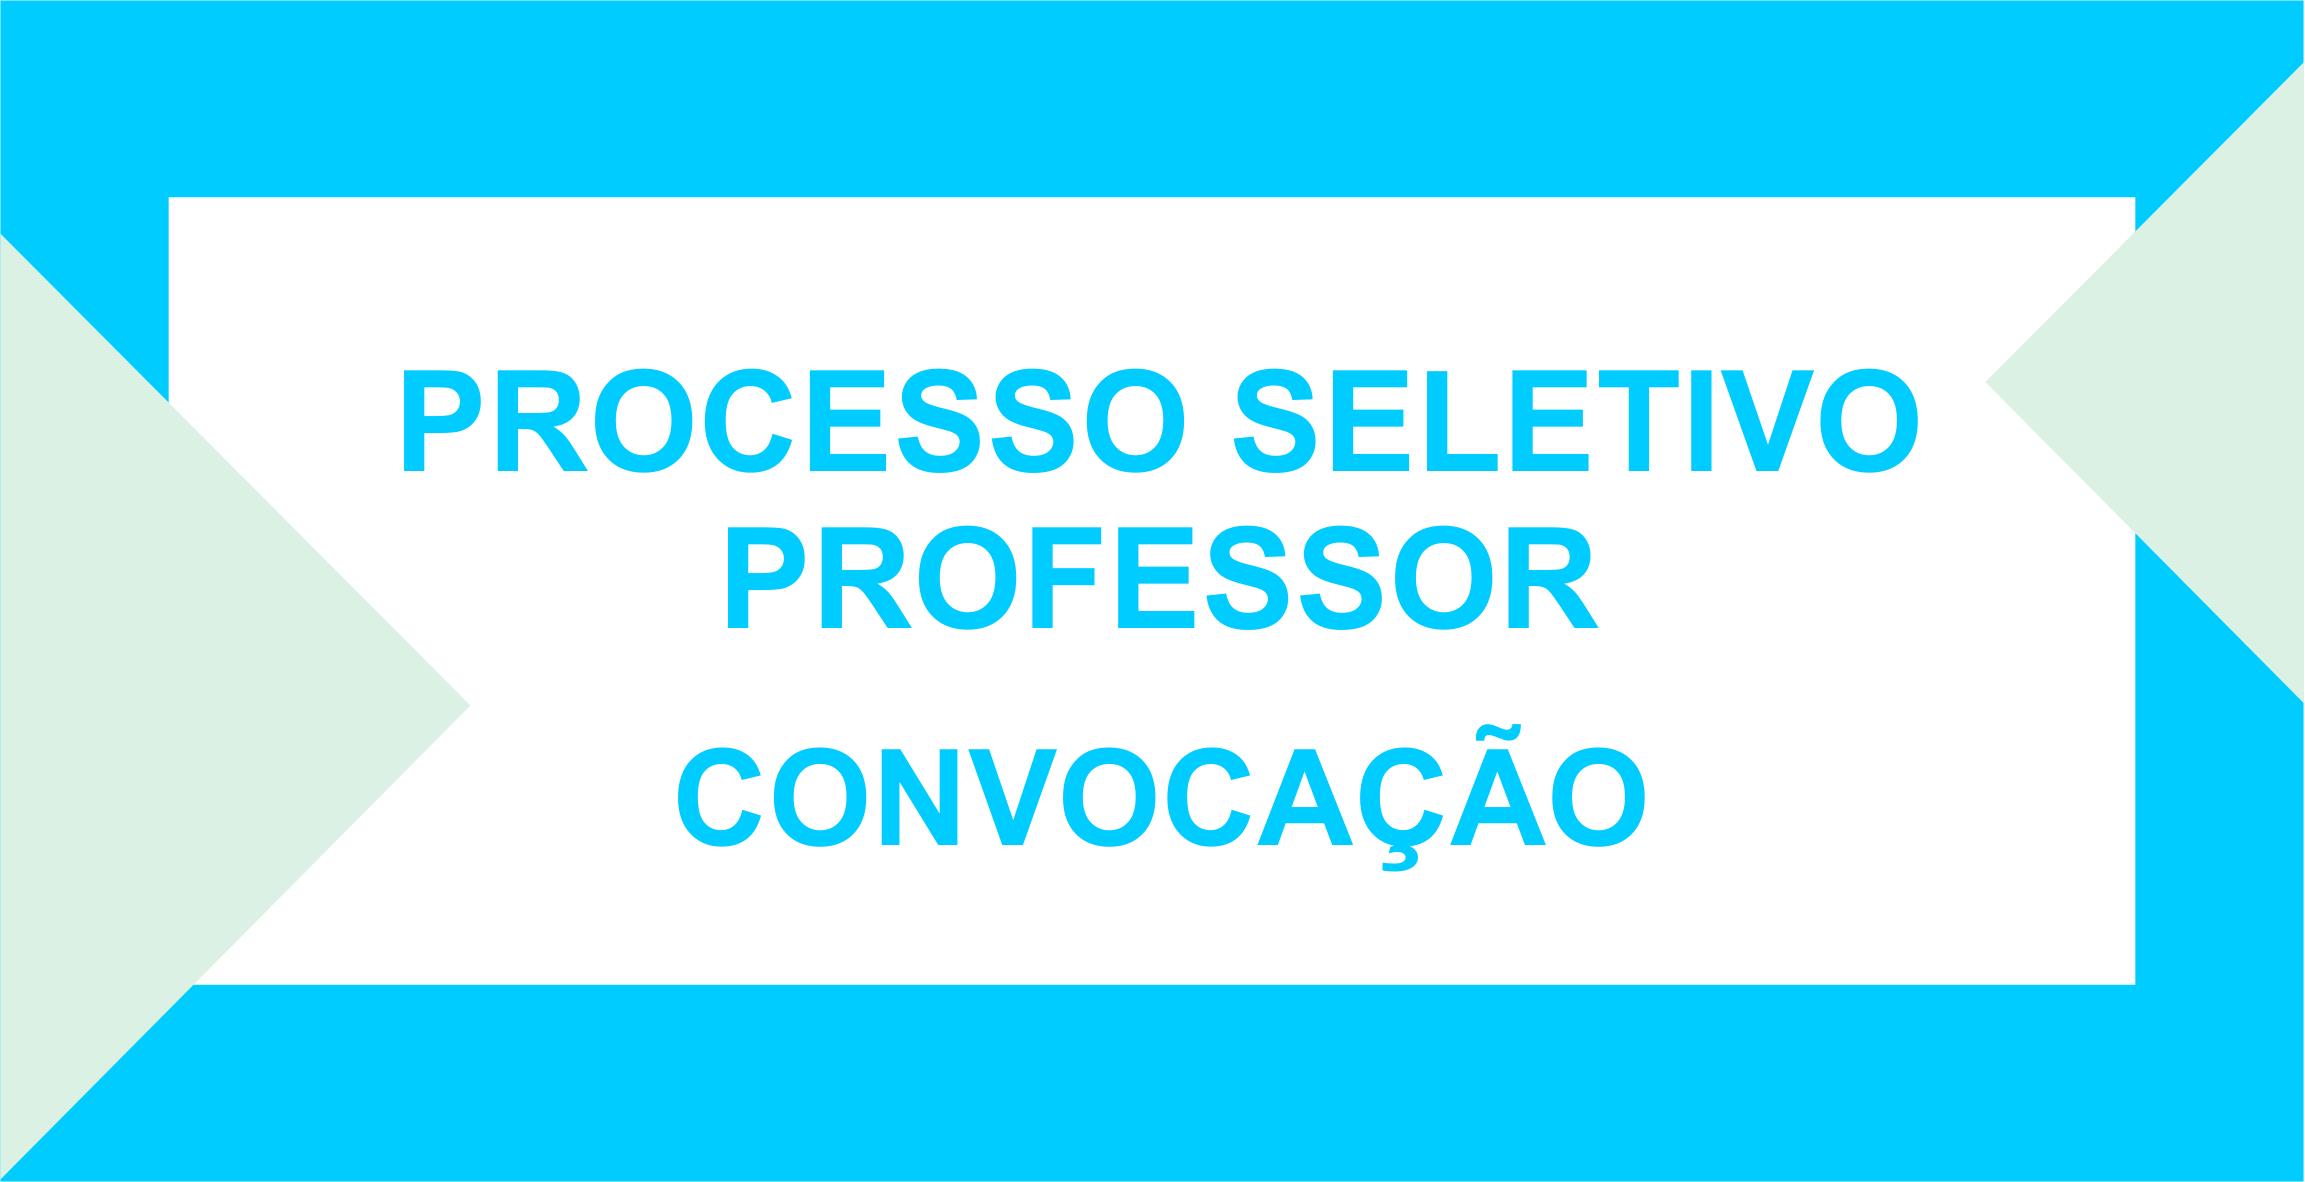 PROCESSO SELETIVO EDUCAÇÃO 005